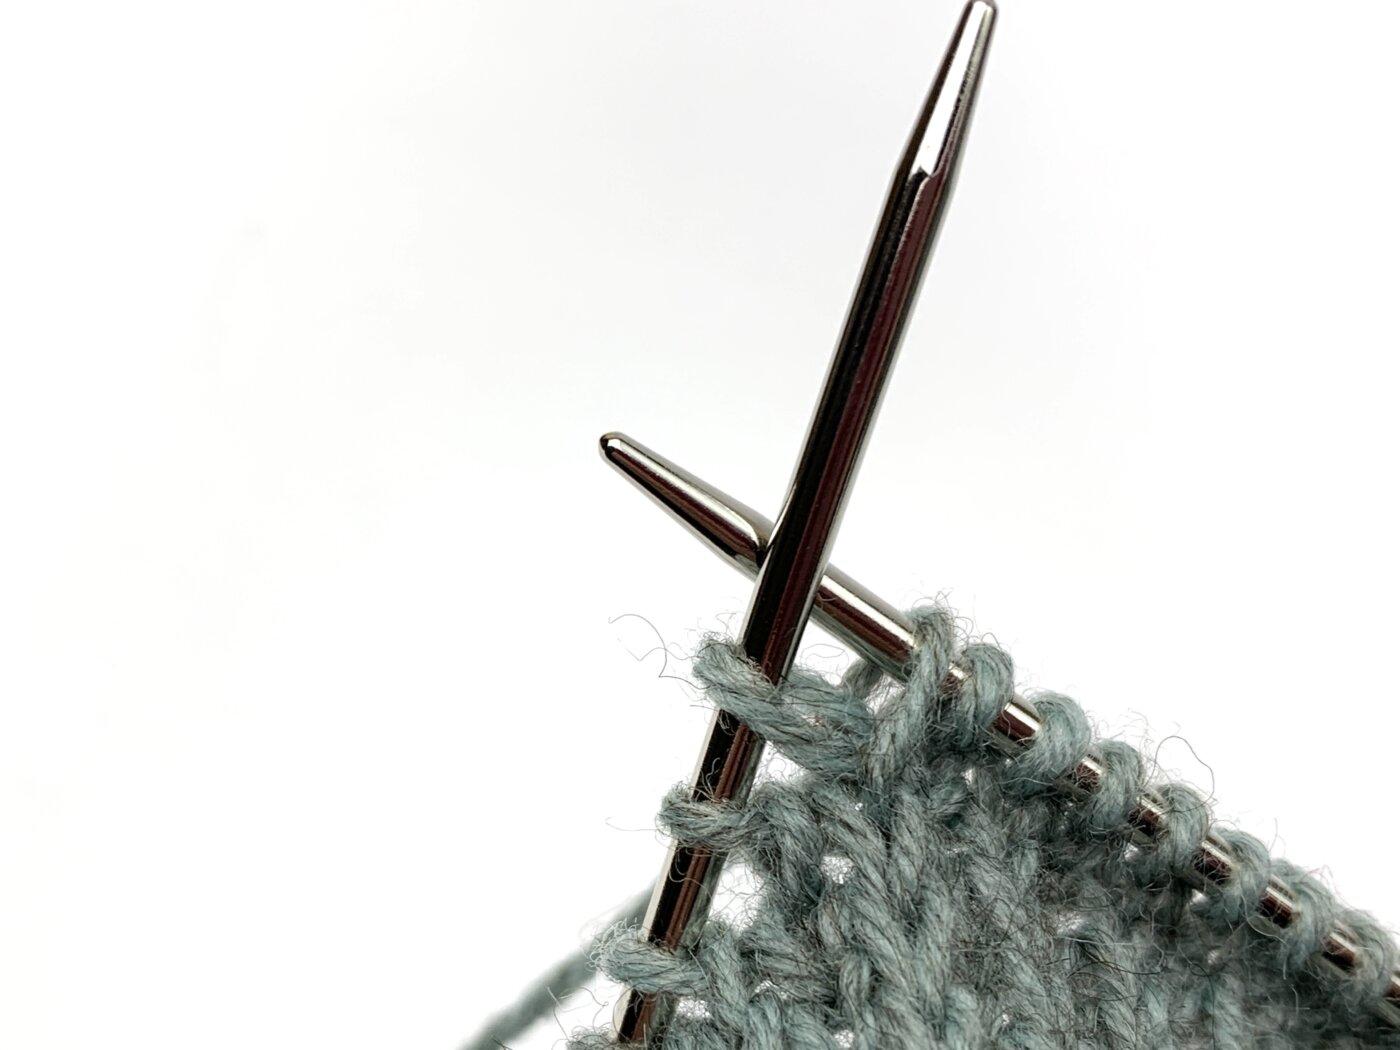 Toe Up Socken stricken - Zur Verdeutlichung habe ich die Maschen zwischen den abgehobenen Maschen auf eine separate Nadel geschoben.